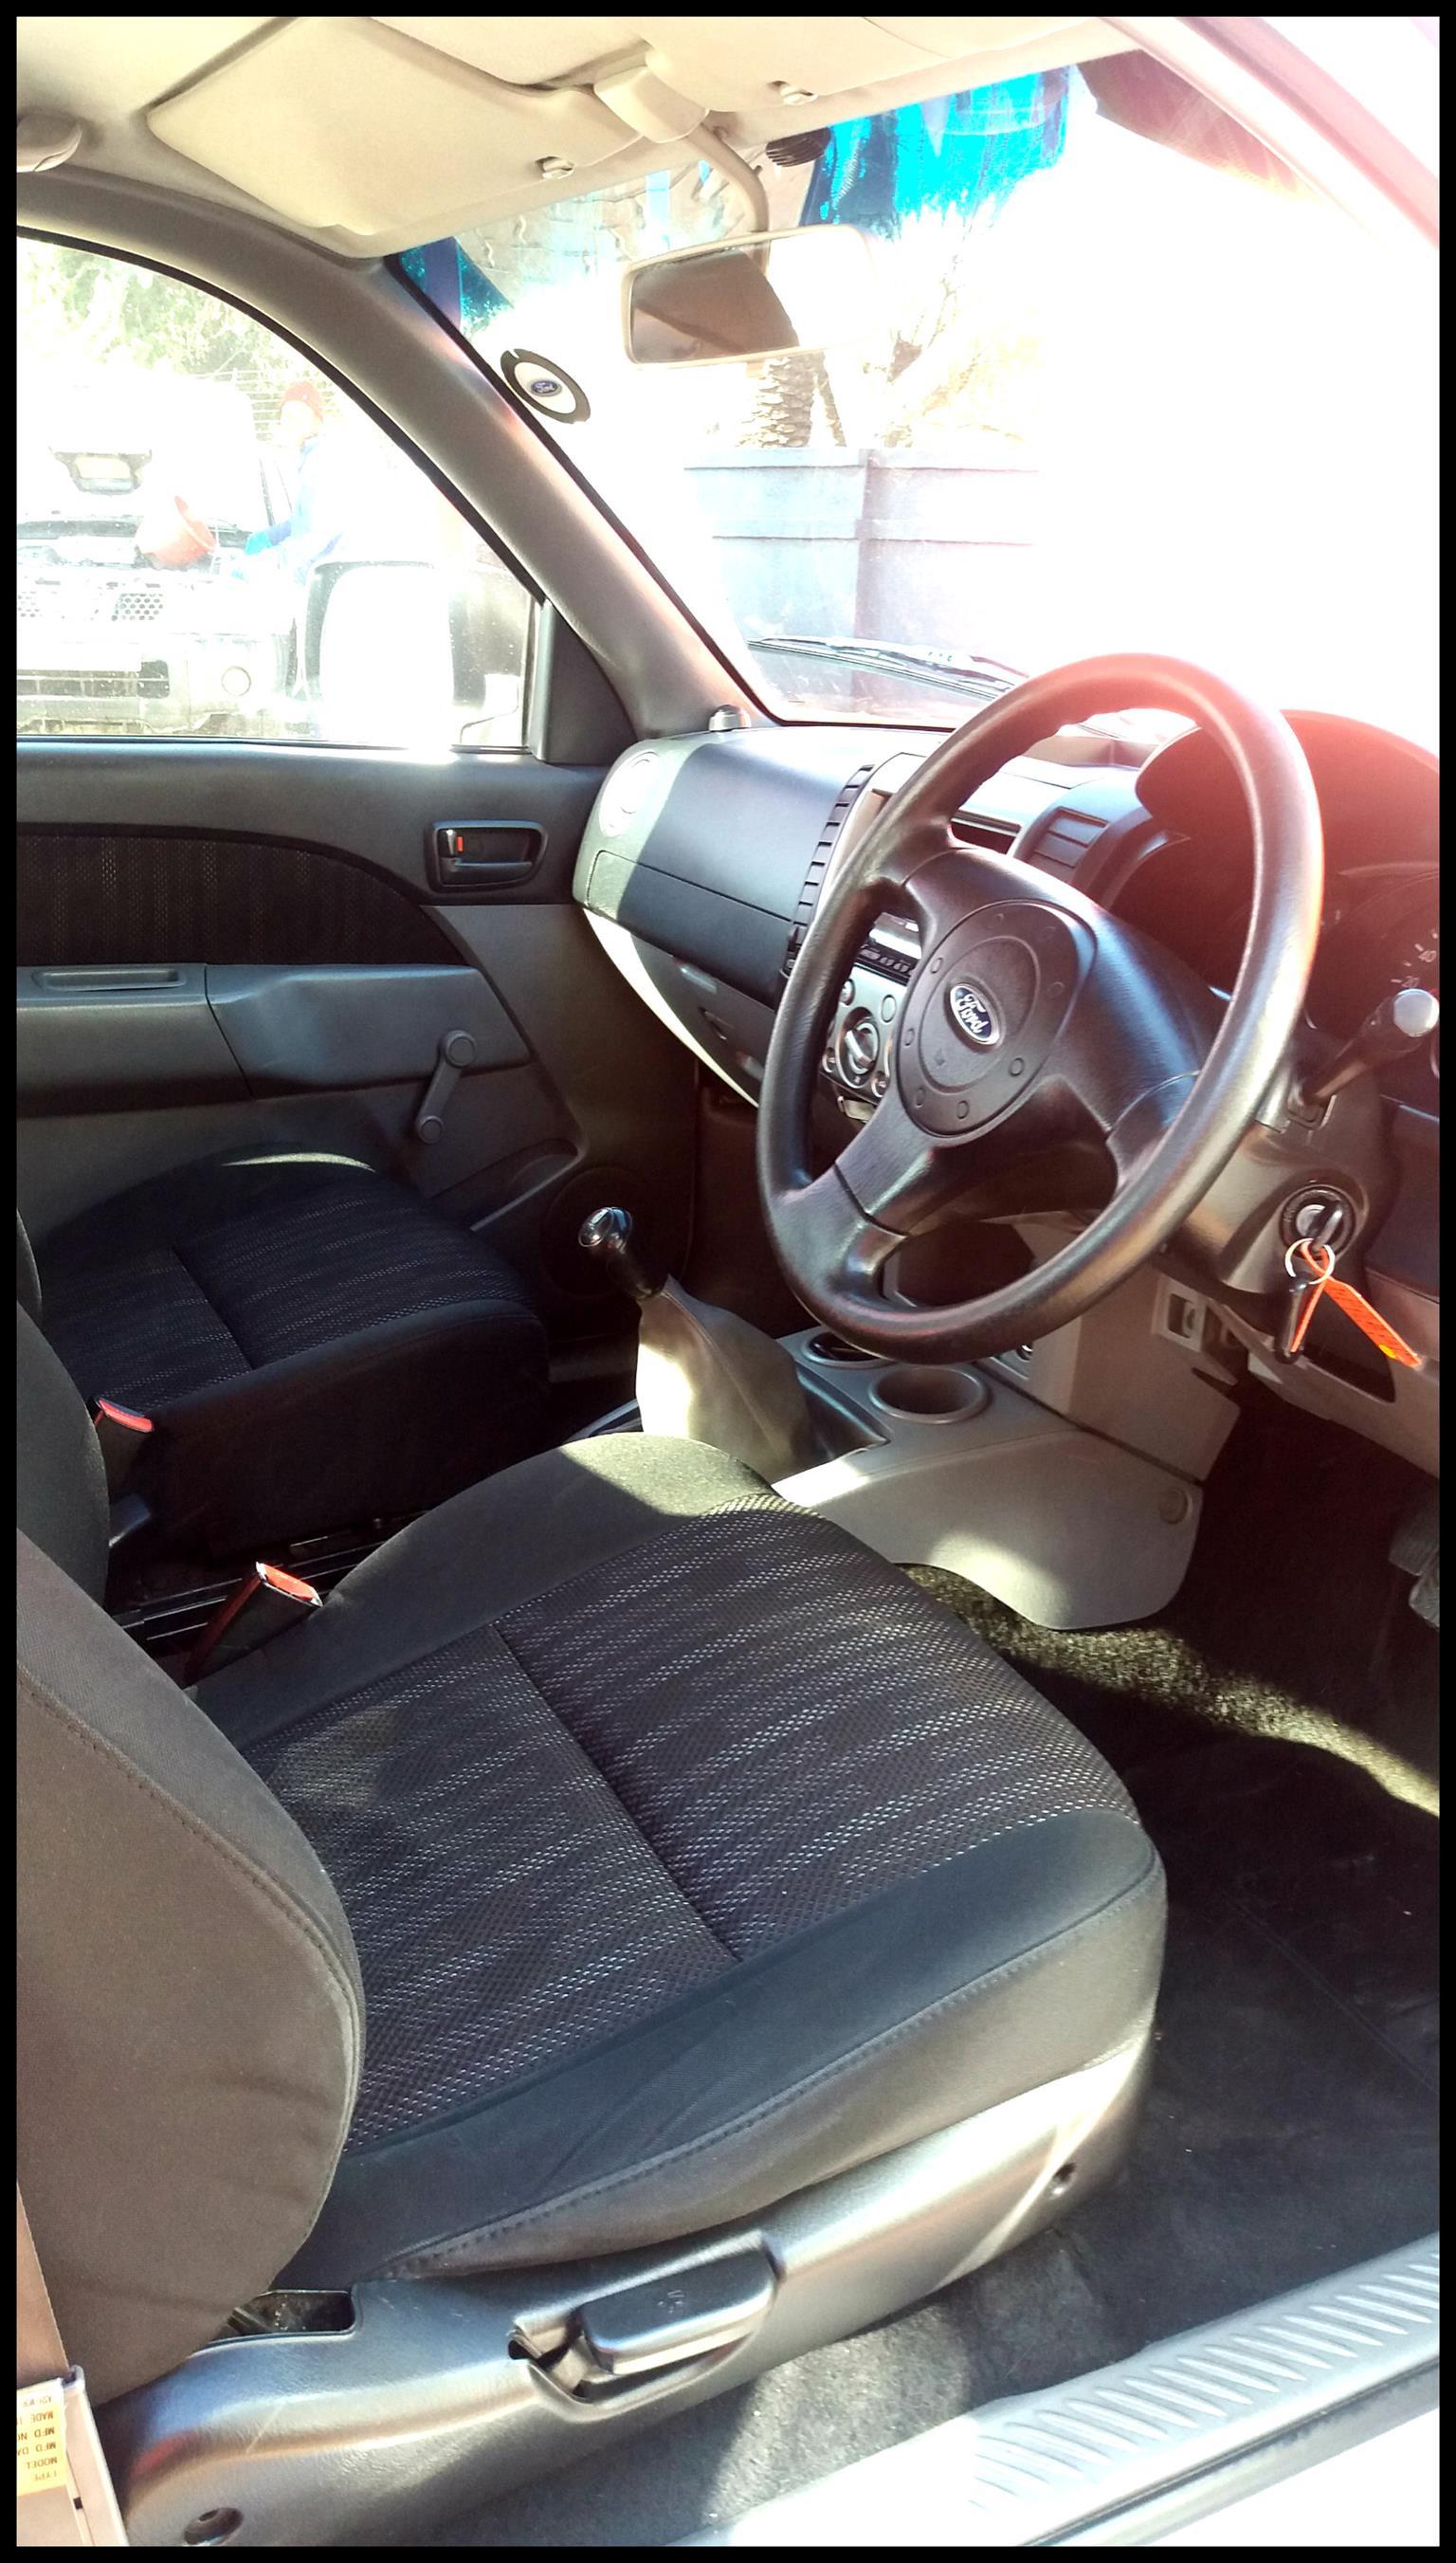 2011 Ford Ranger 2.5 Hi Rider XL